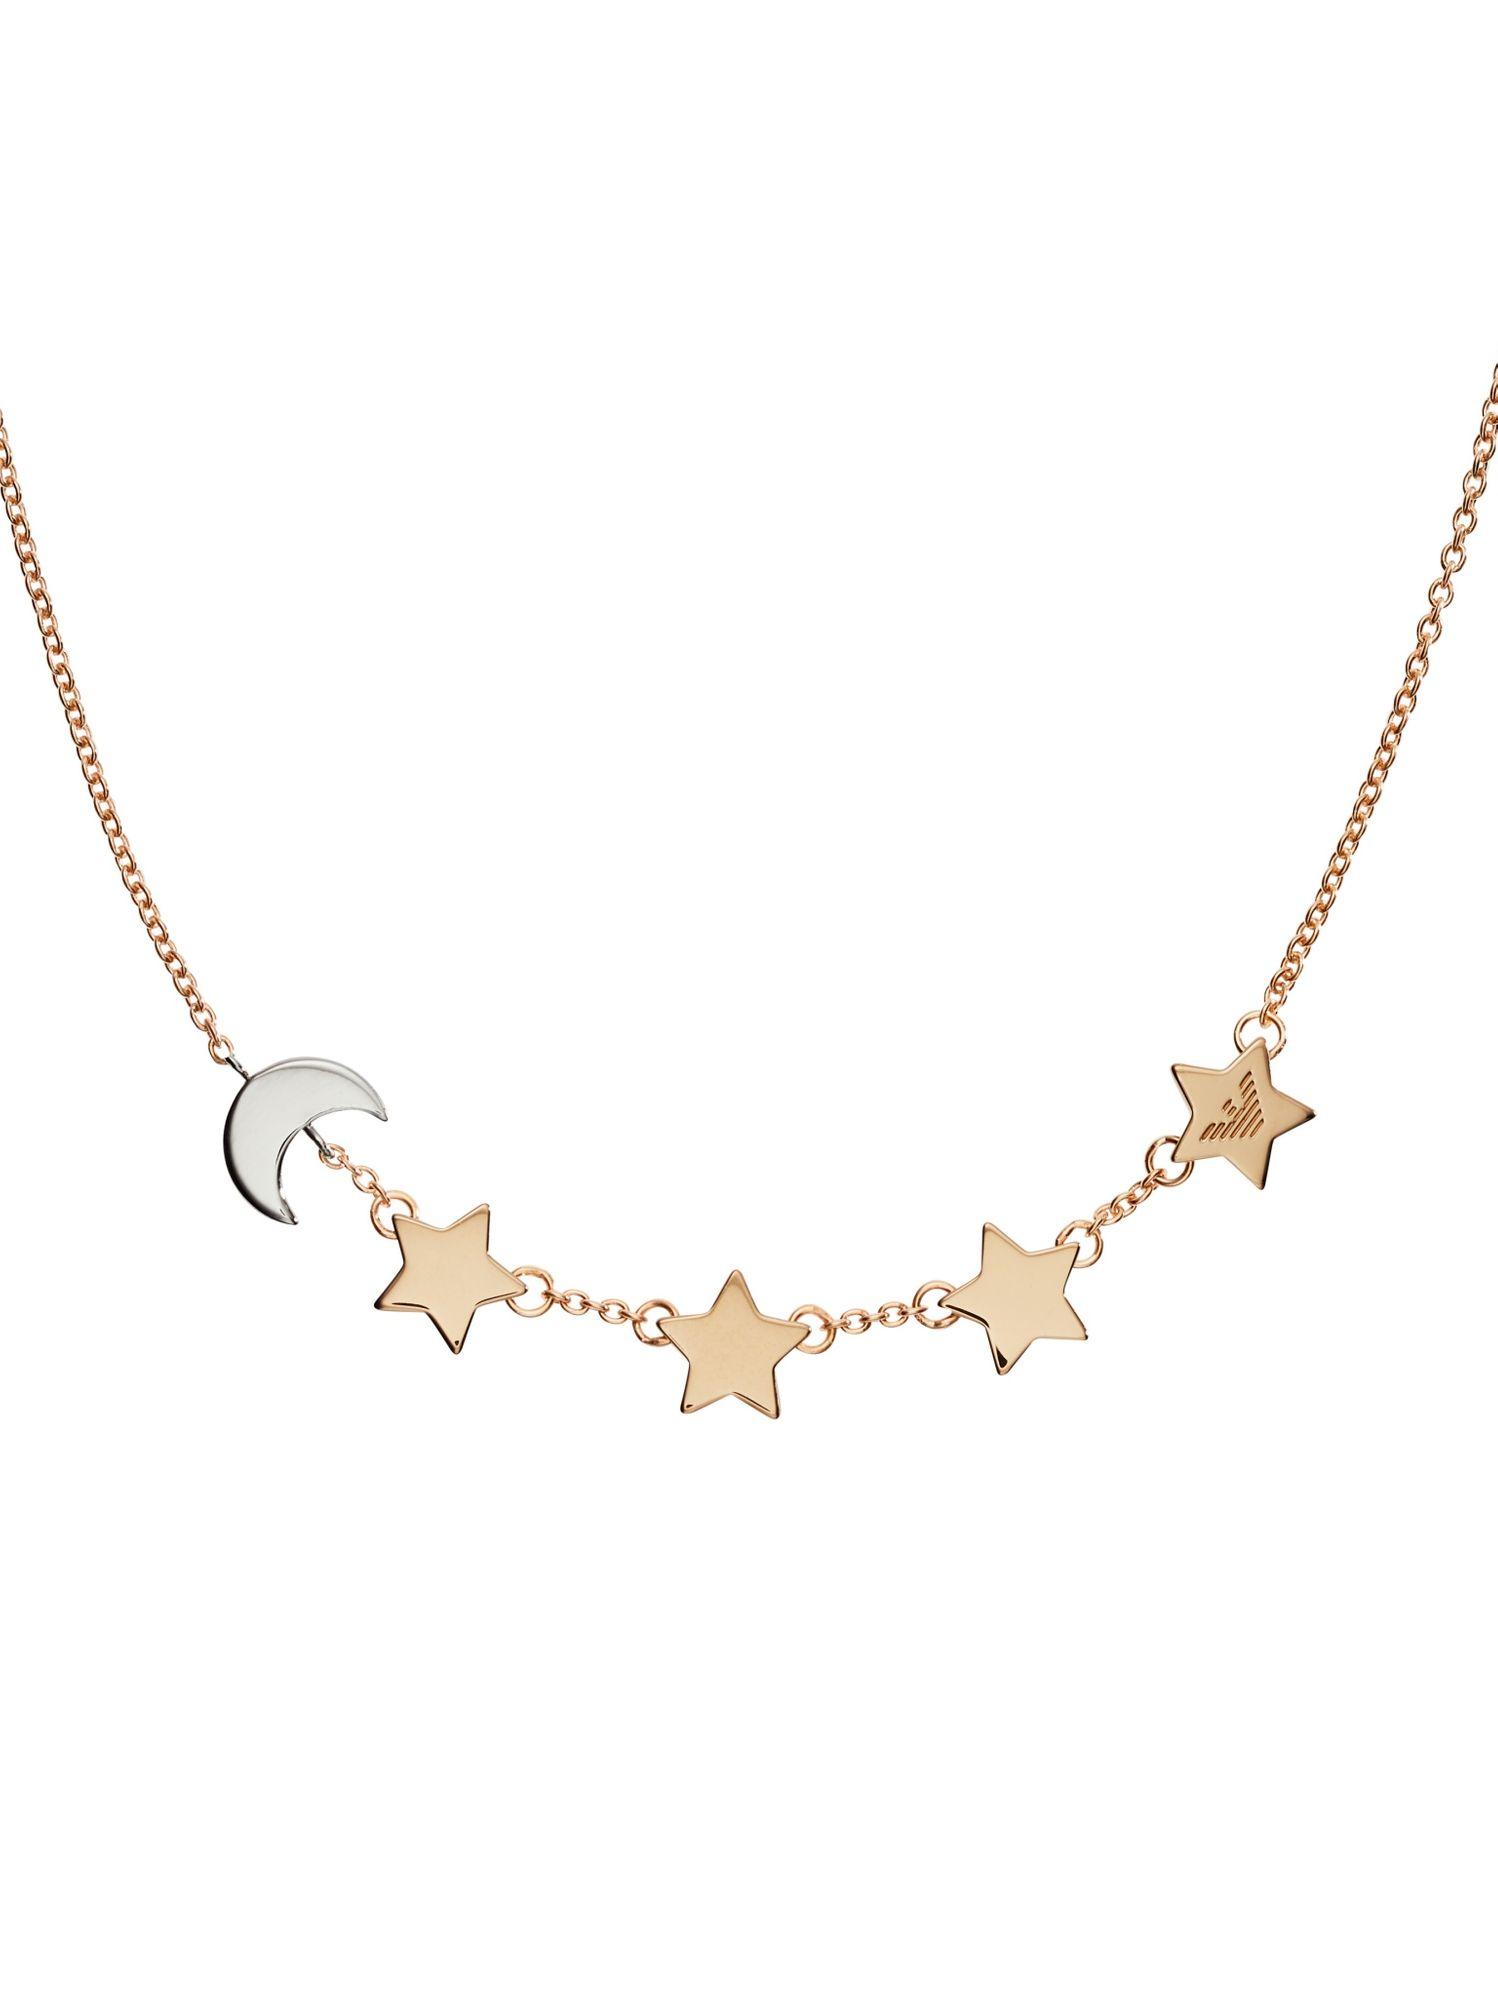 Wählen Sie für offizielle Super süße neue sorten Emporio Armani EG3363221 Damen Kette Mond Sterne Bicolor Rose 44 cm | City  Juwelier Markenuhren und Markenschmuck